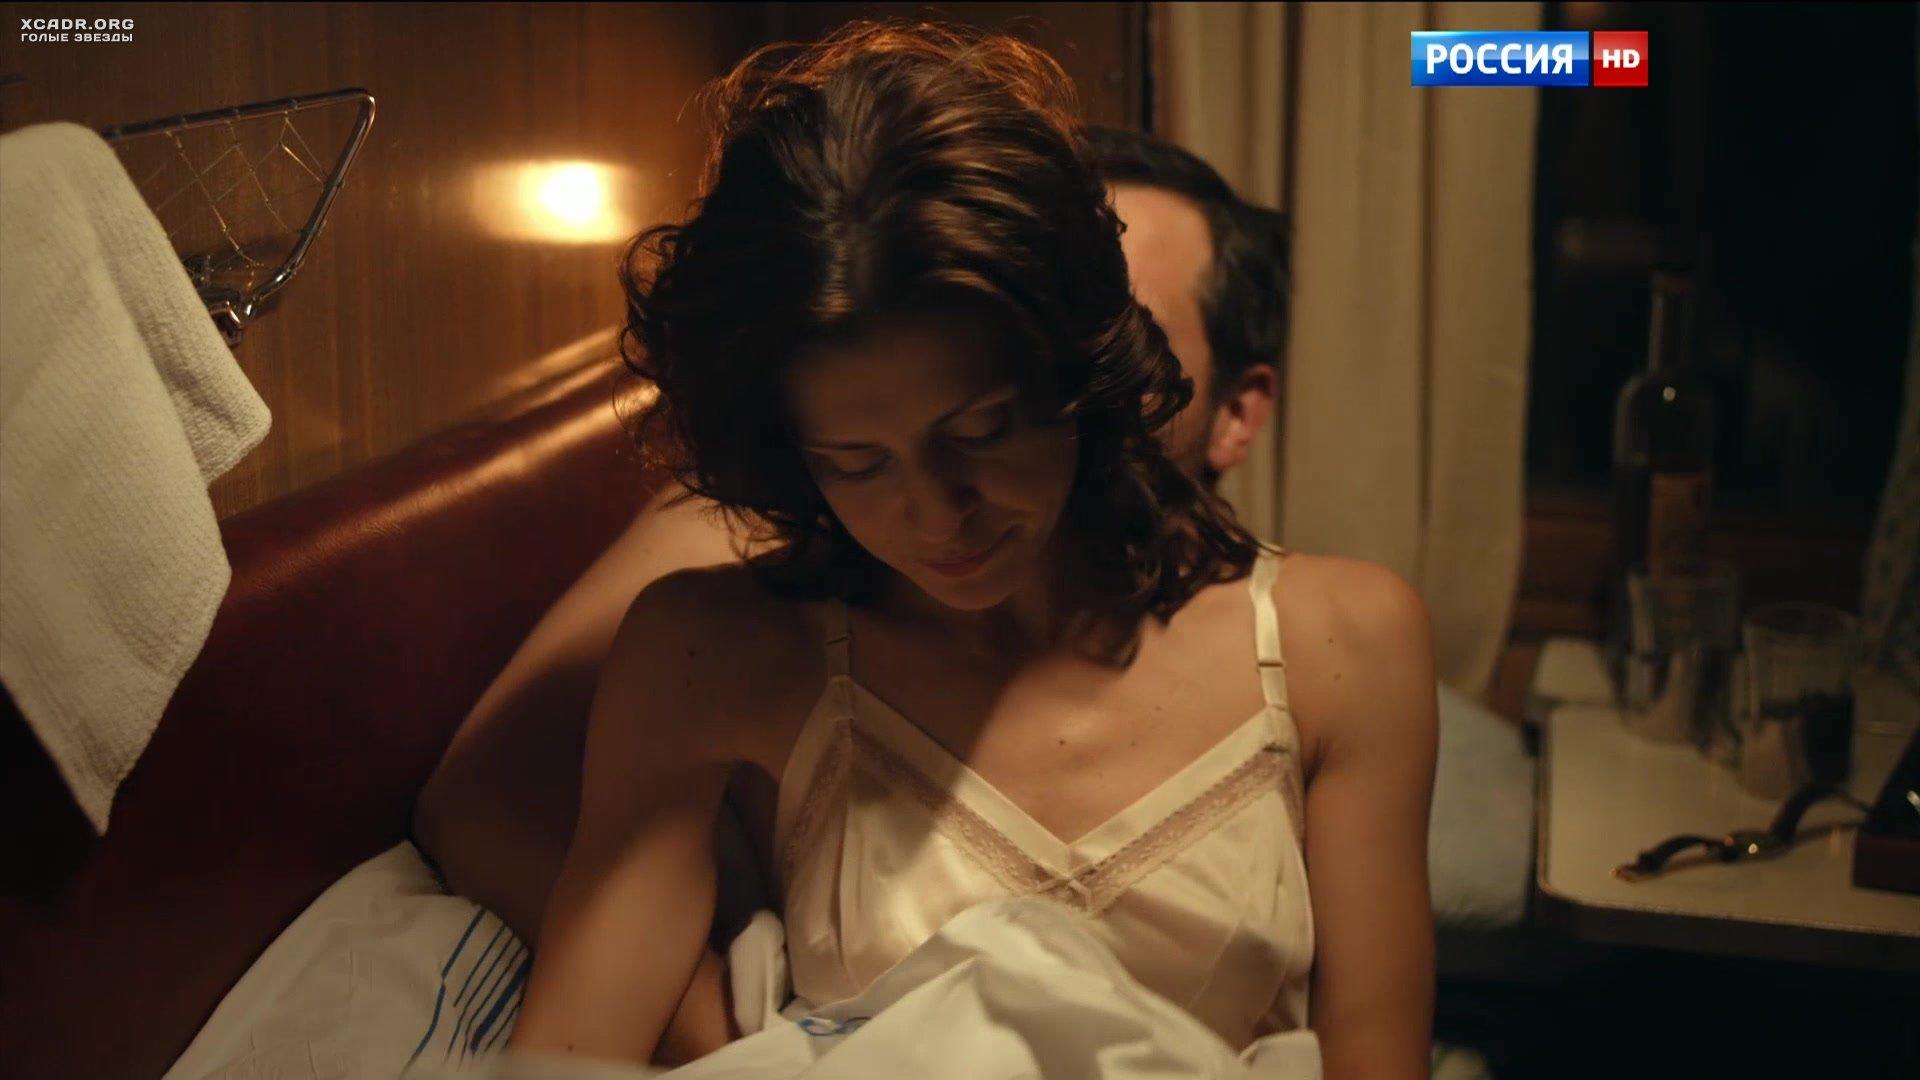 эротическое видео екатерины крупениной - 2